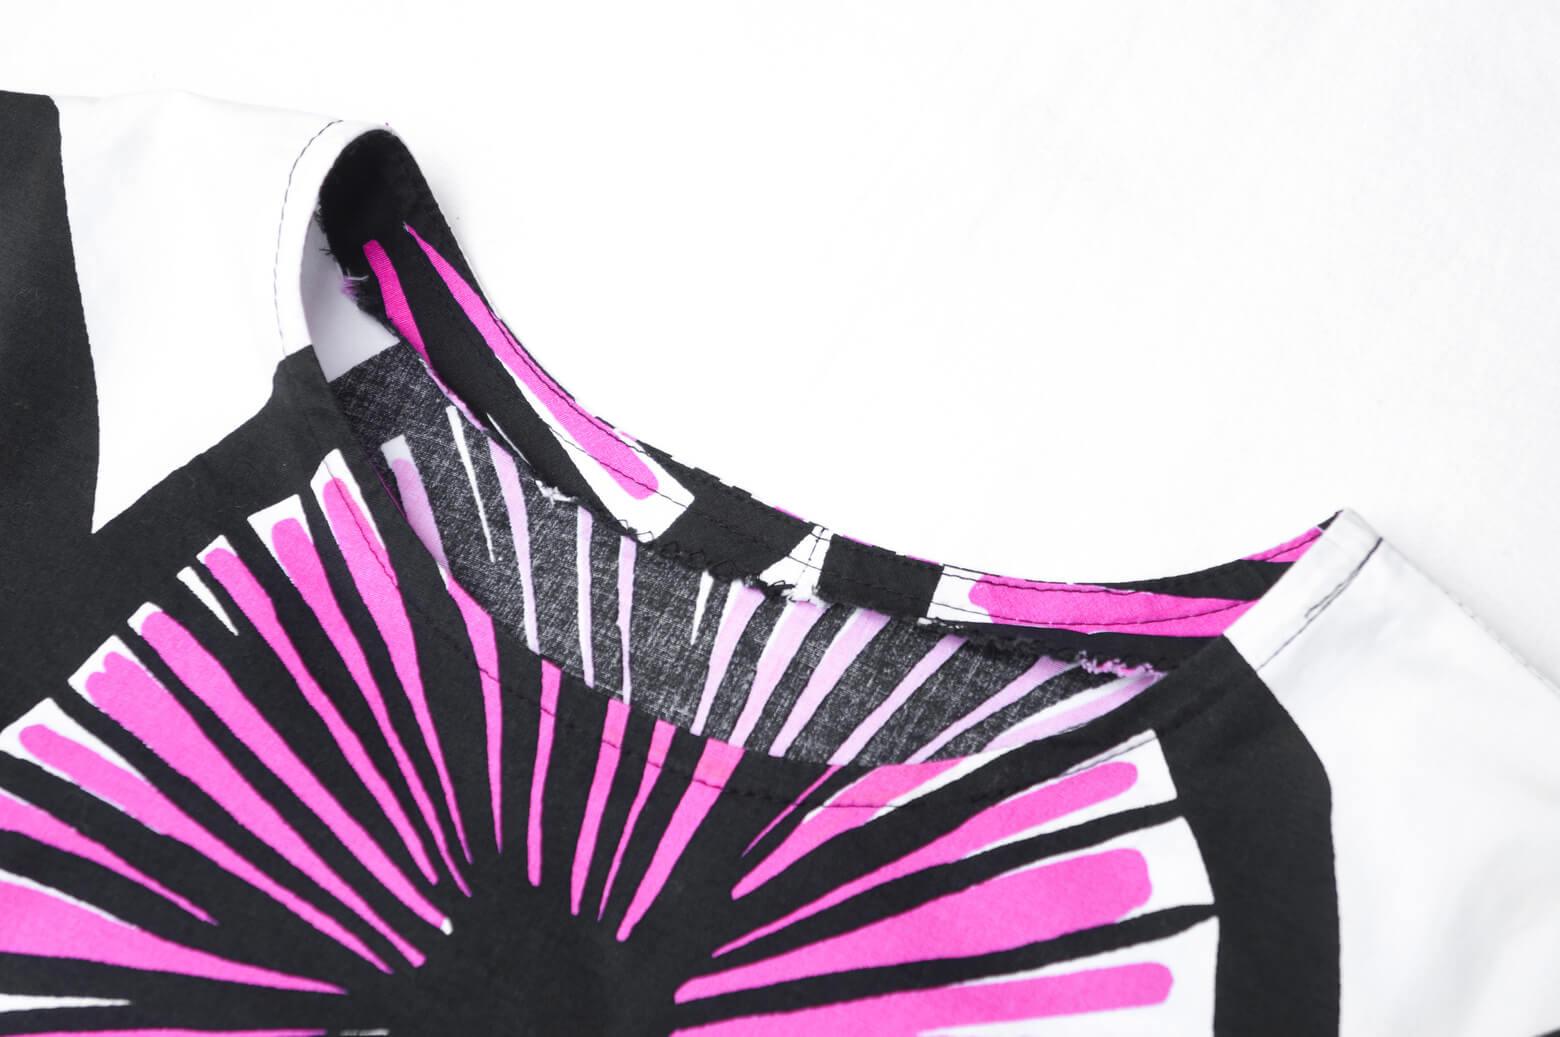 Marimekko Appelsiini Tunic One-piece Hand Made/マリメッコ アッペルシーニ チュニック ワンピース ハンドメイド フィンランド 北欧 古着